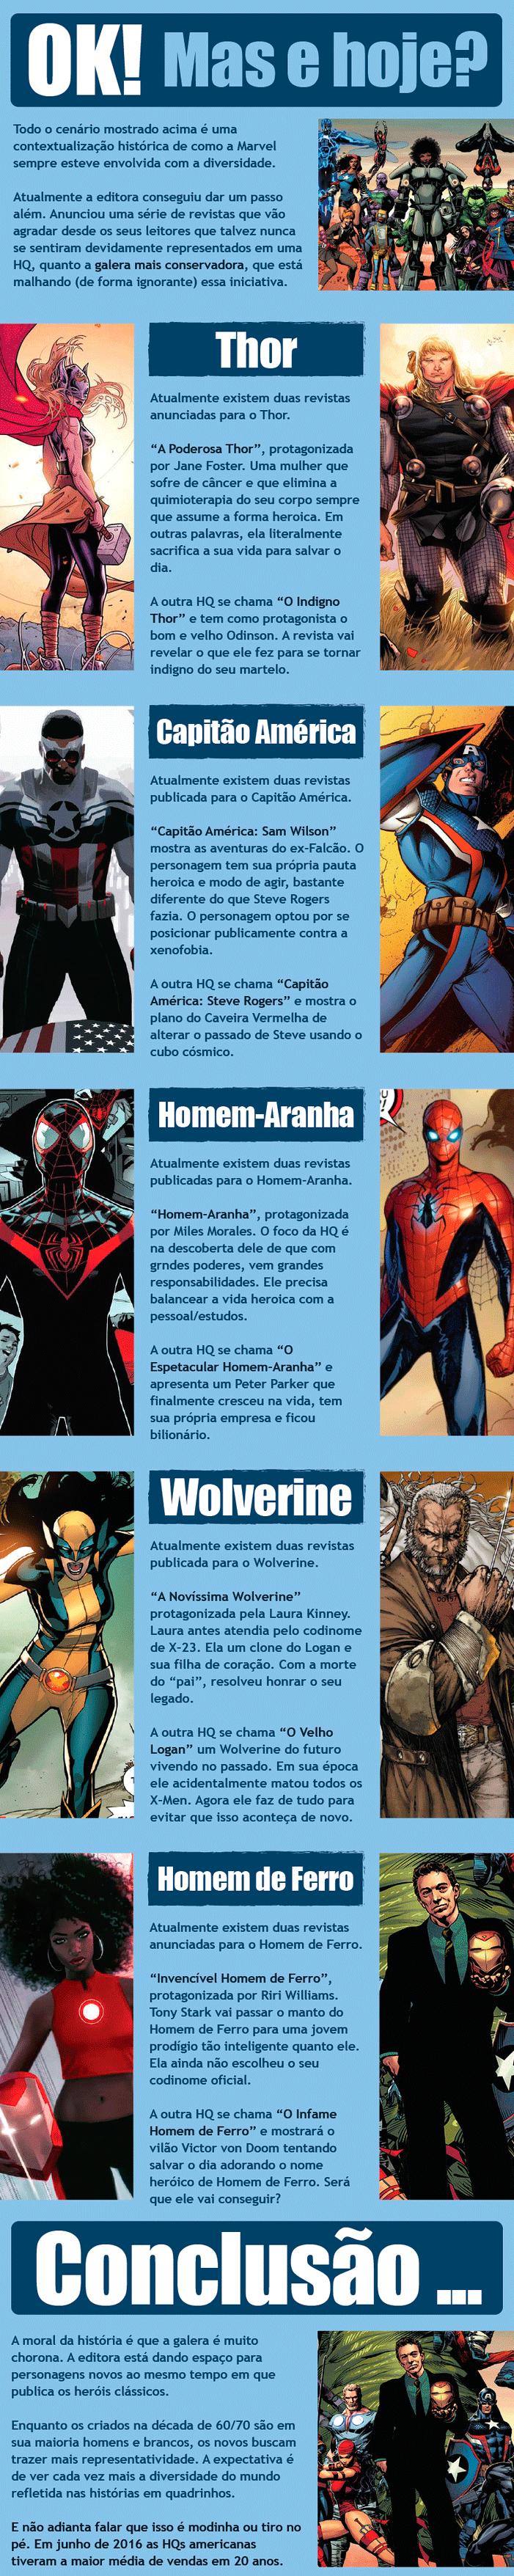 A-diversidade-nas-historias-em-quadrinhos-da-Marvel_02